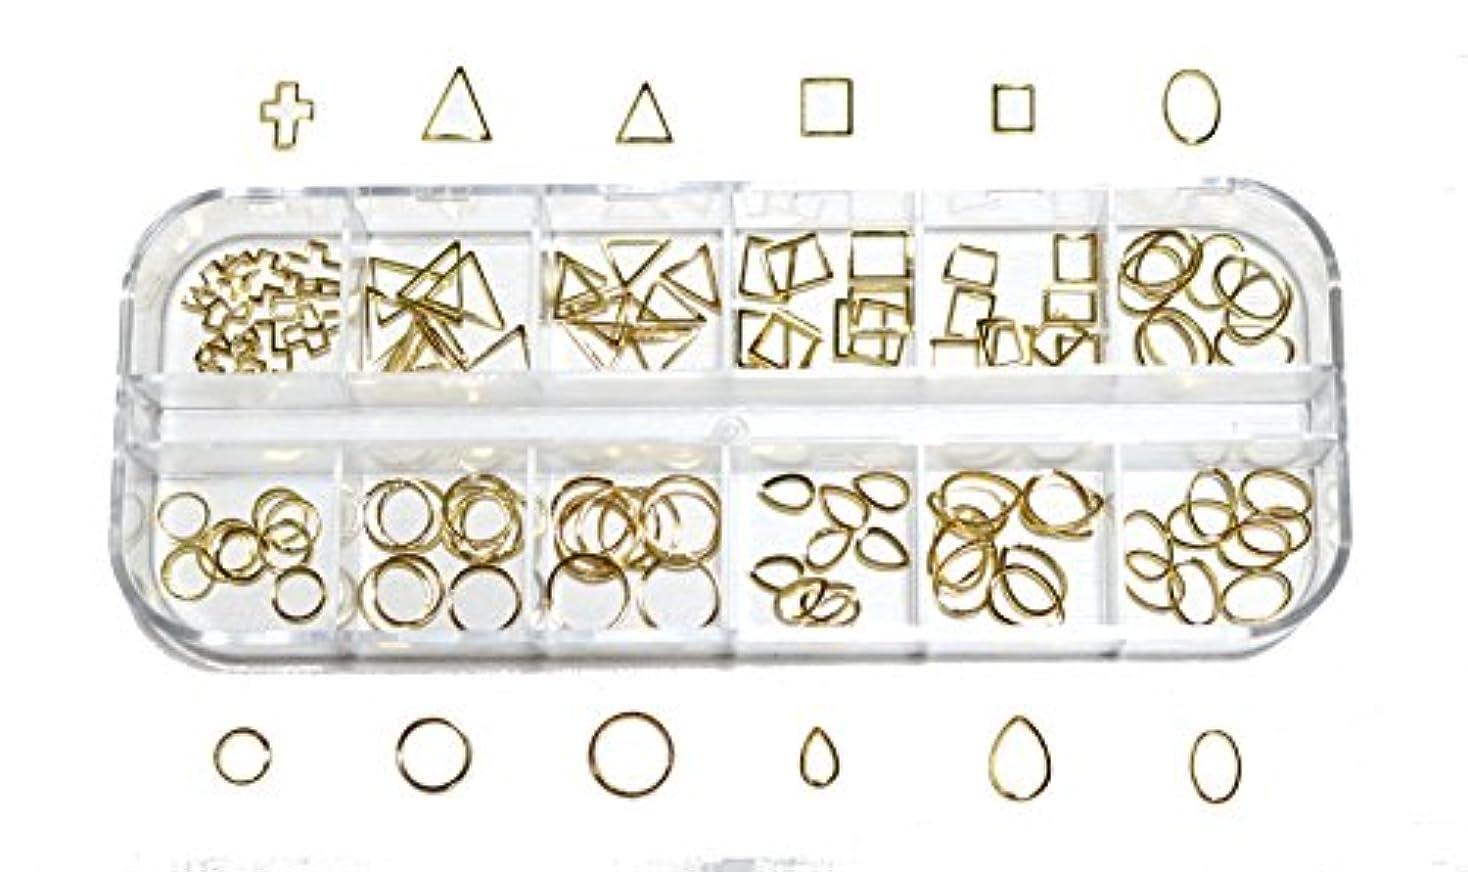 ラグ専門用語したがって【jewel】 メタルフレームパーツ ゴールドorシルバー 12種類 各10個入り カラー選択可能☆ (ゴールド)